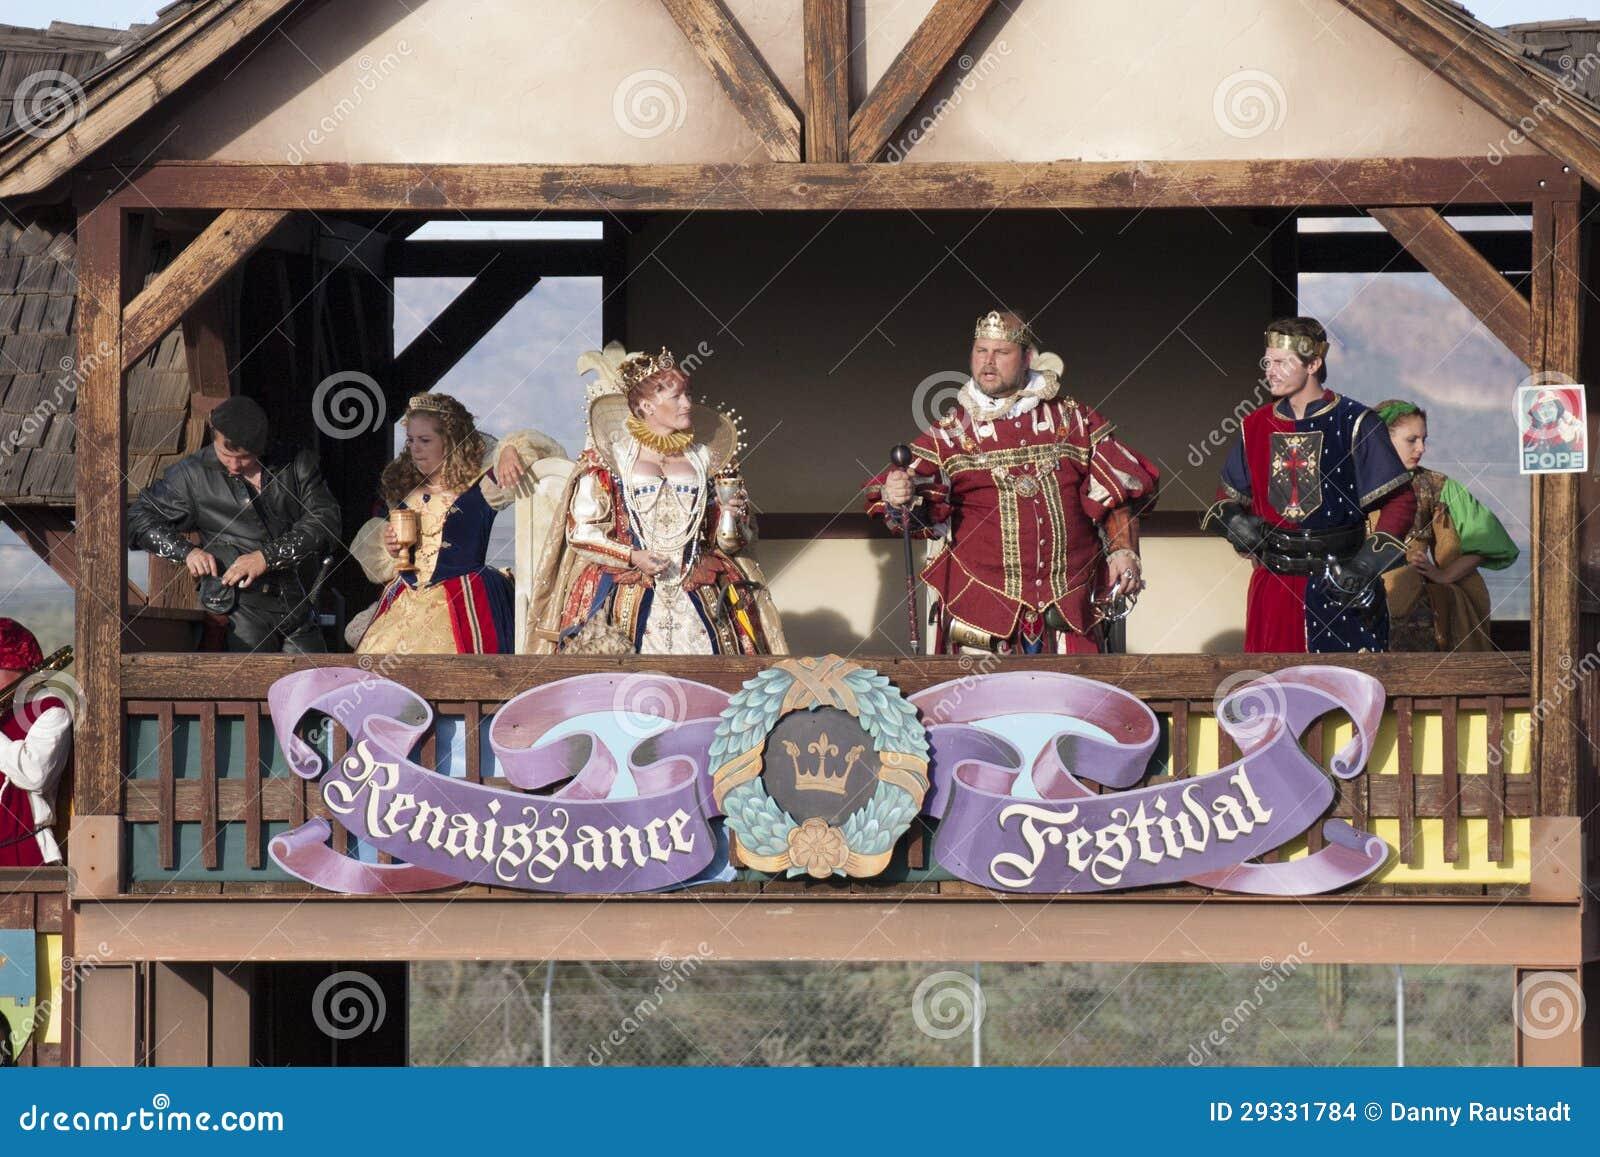 Renaissance Festival Az Food